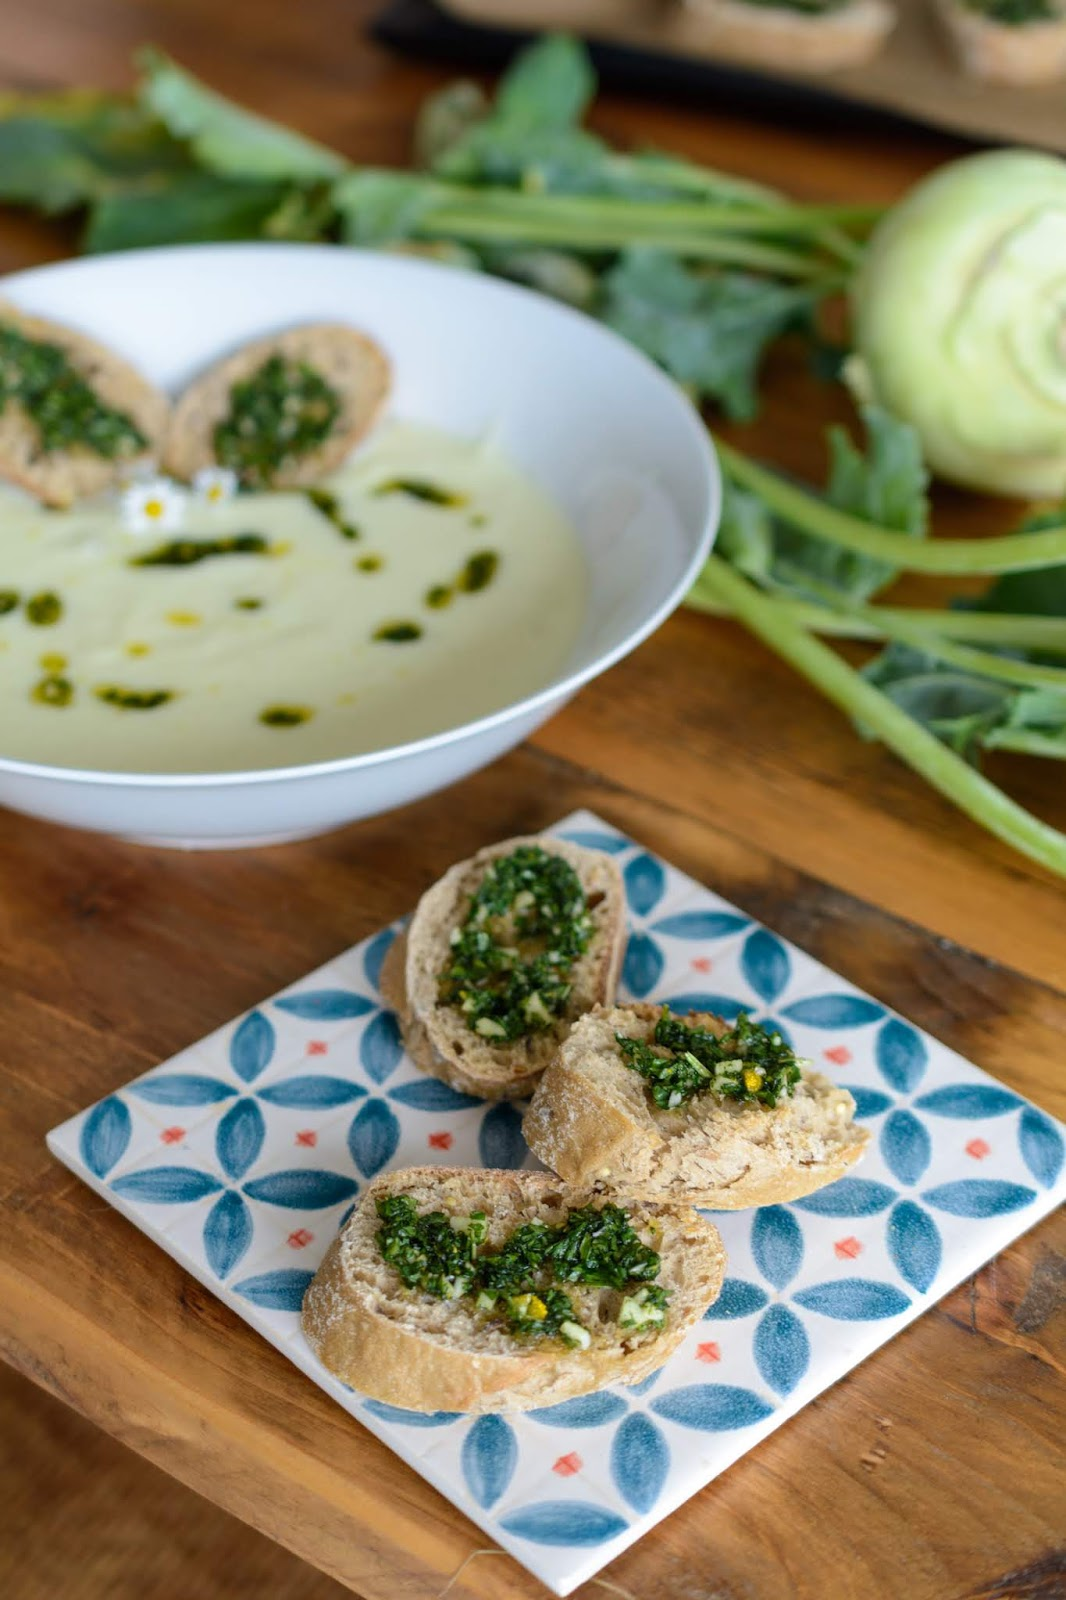 Rezept für Kalte Kohlrabisuppe mit Buttermilch und Wildkräuter-Topping